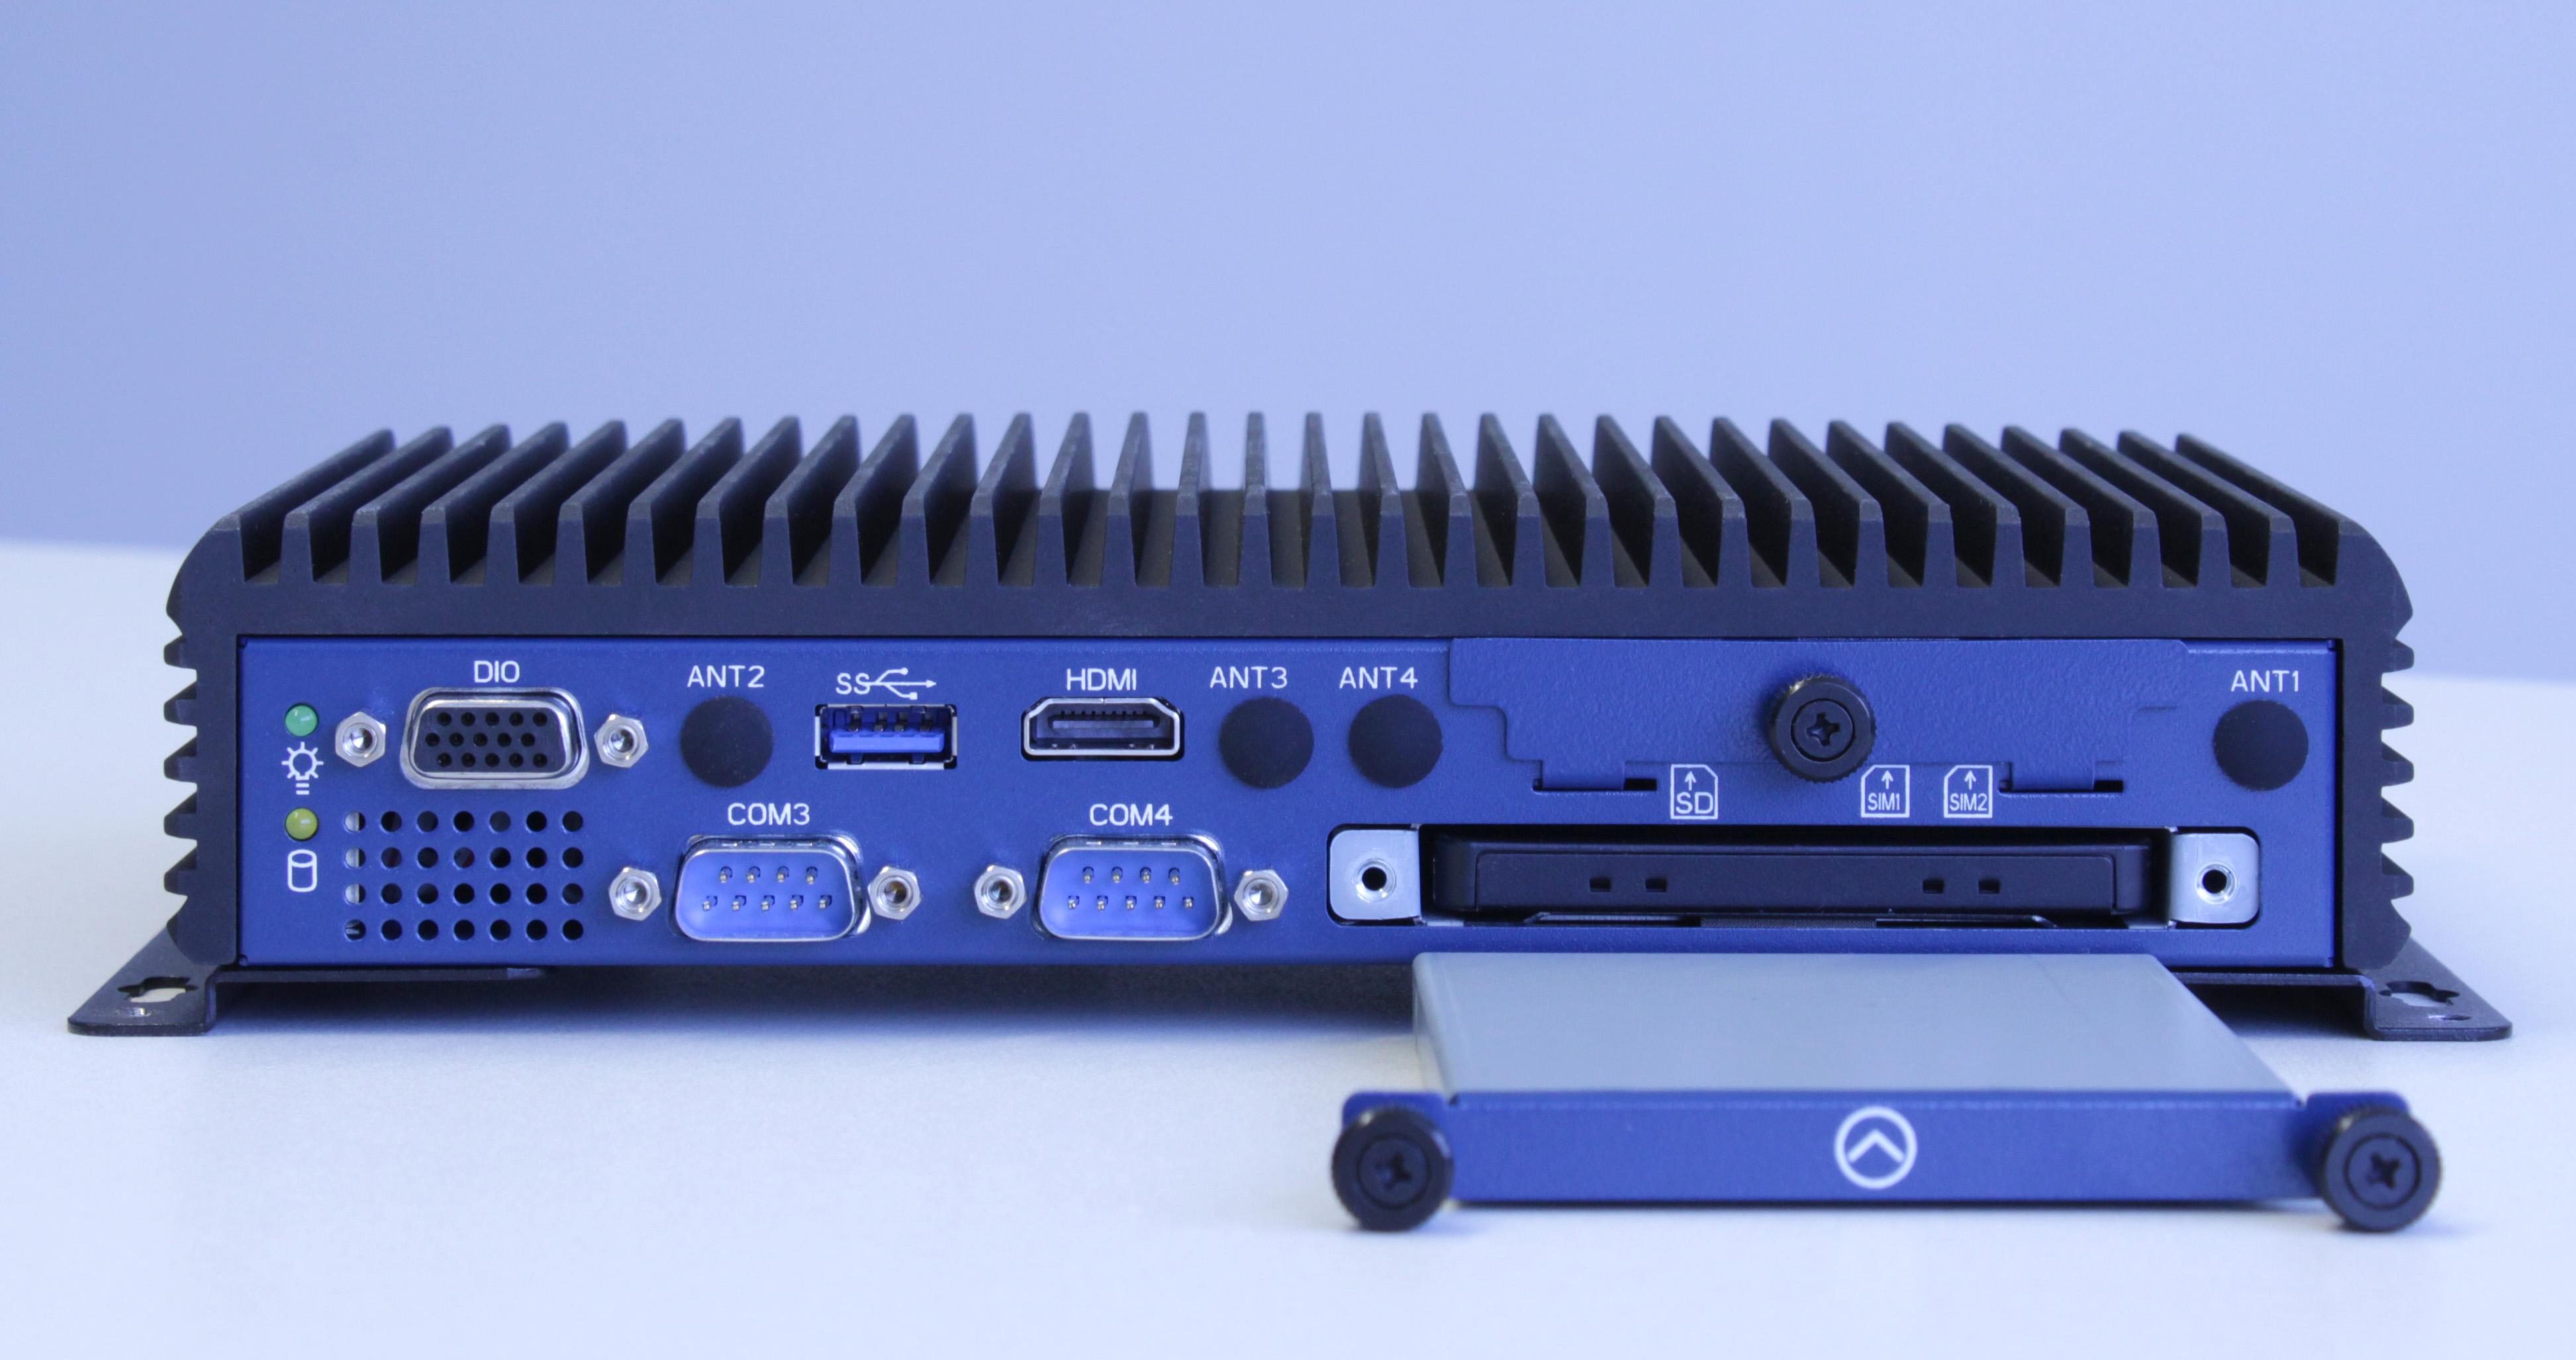 Anwender profitieren vom lüfterlosen, wartungsfreien Design der neuen Industrie-PC-Serie EmbeddedLine EL1093, bei dem man auf den Laufwerkschacht werkzeuglos zugreifen kann. (Bild: TL Electronic GmbH)